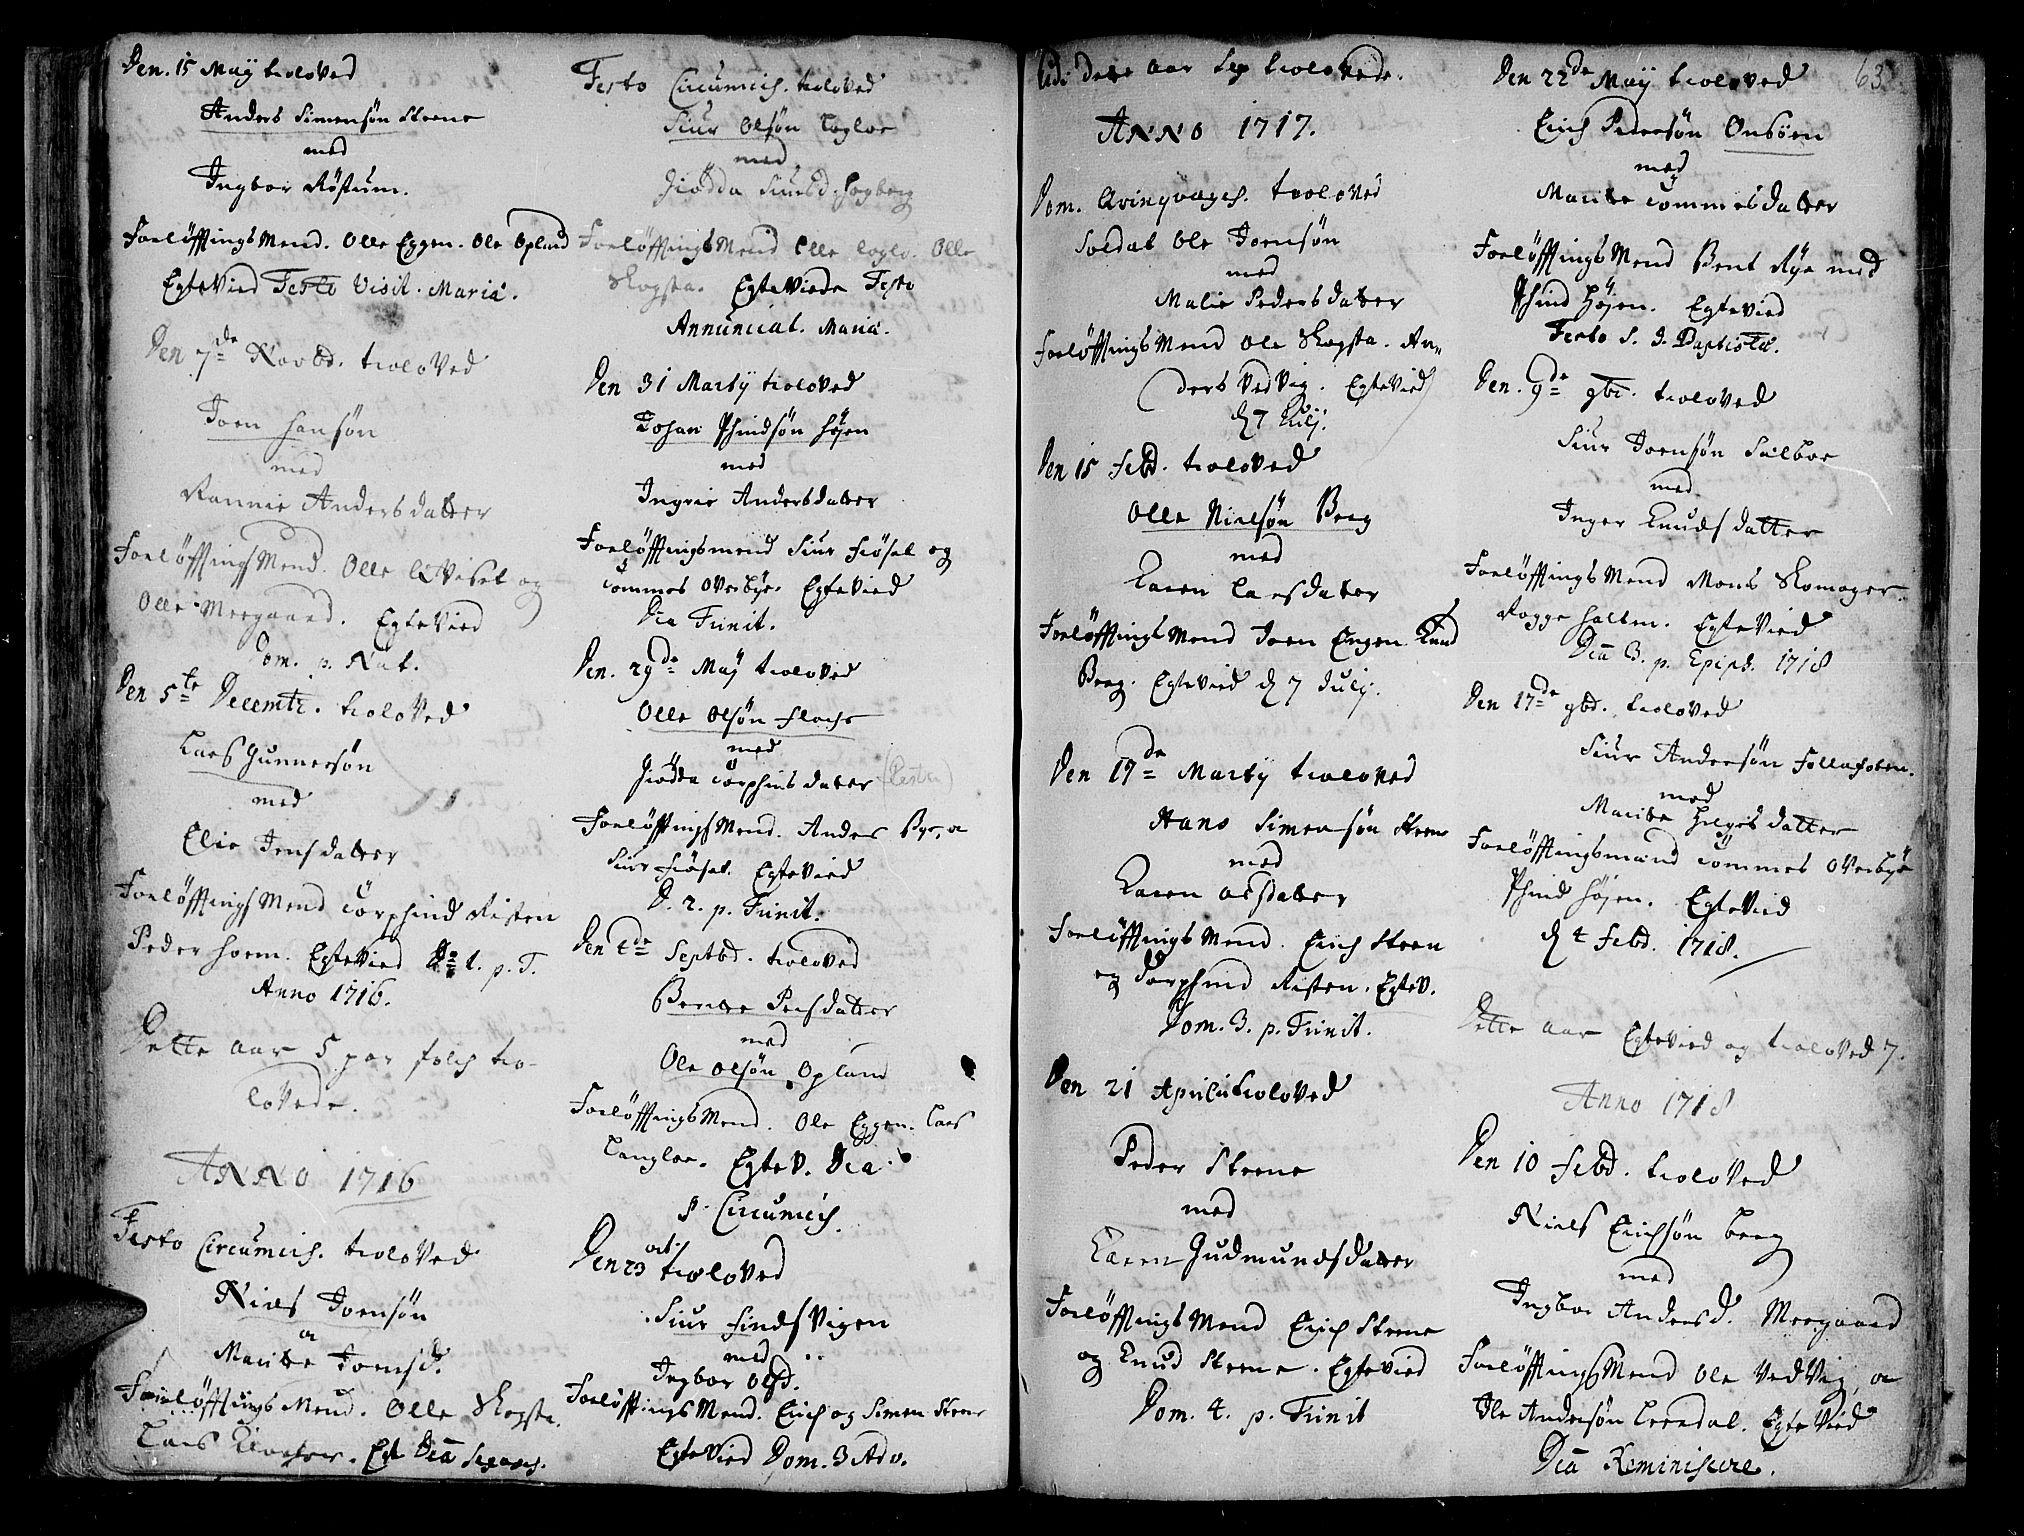 SAT, Ministerialprotokoller, klokkerbøker og fødselsregistre - Sør-Trøndelag, 612/L0368: Ministerialbok nr. 612A02, 1702-1753, s. 63